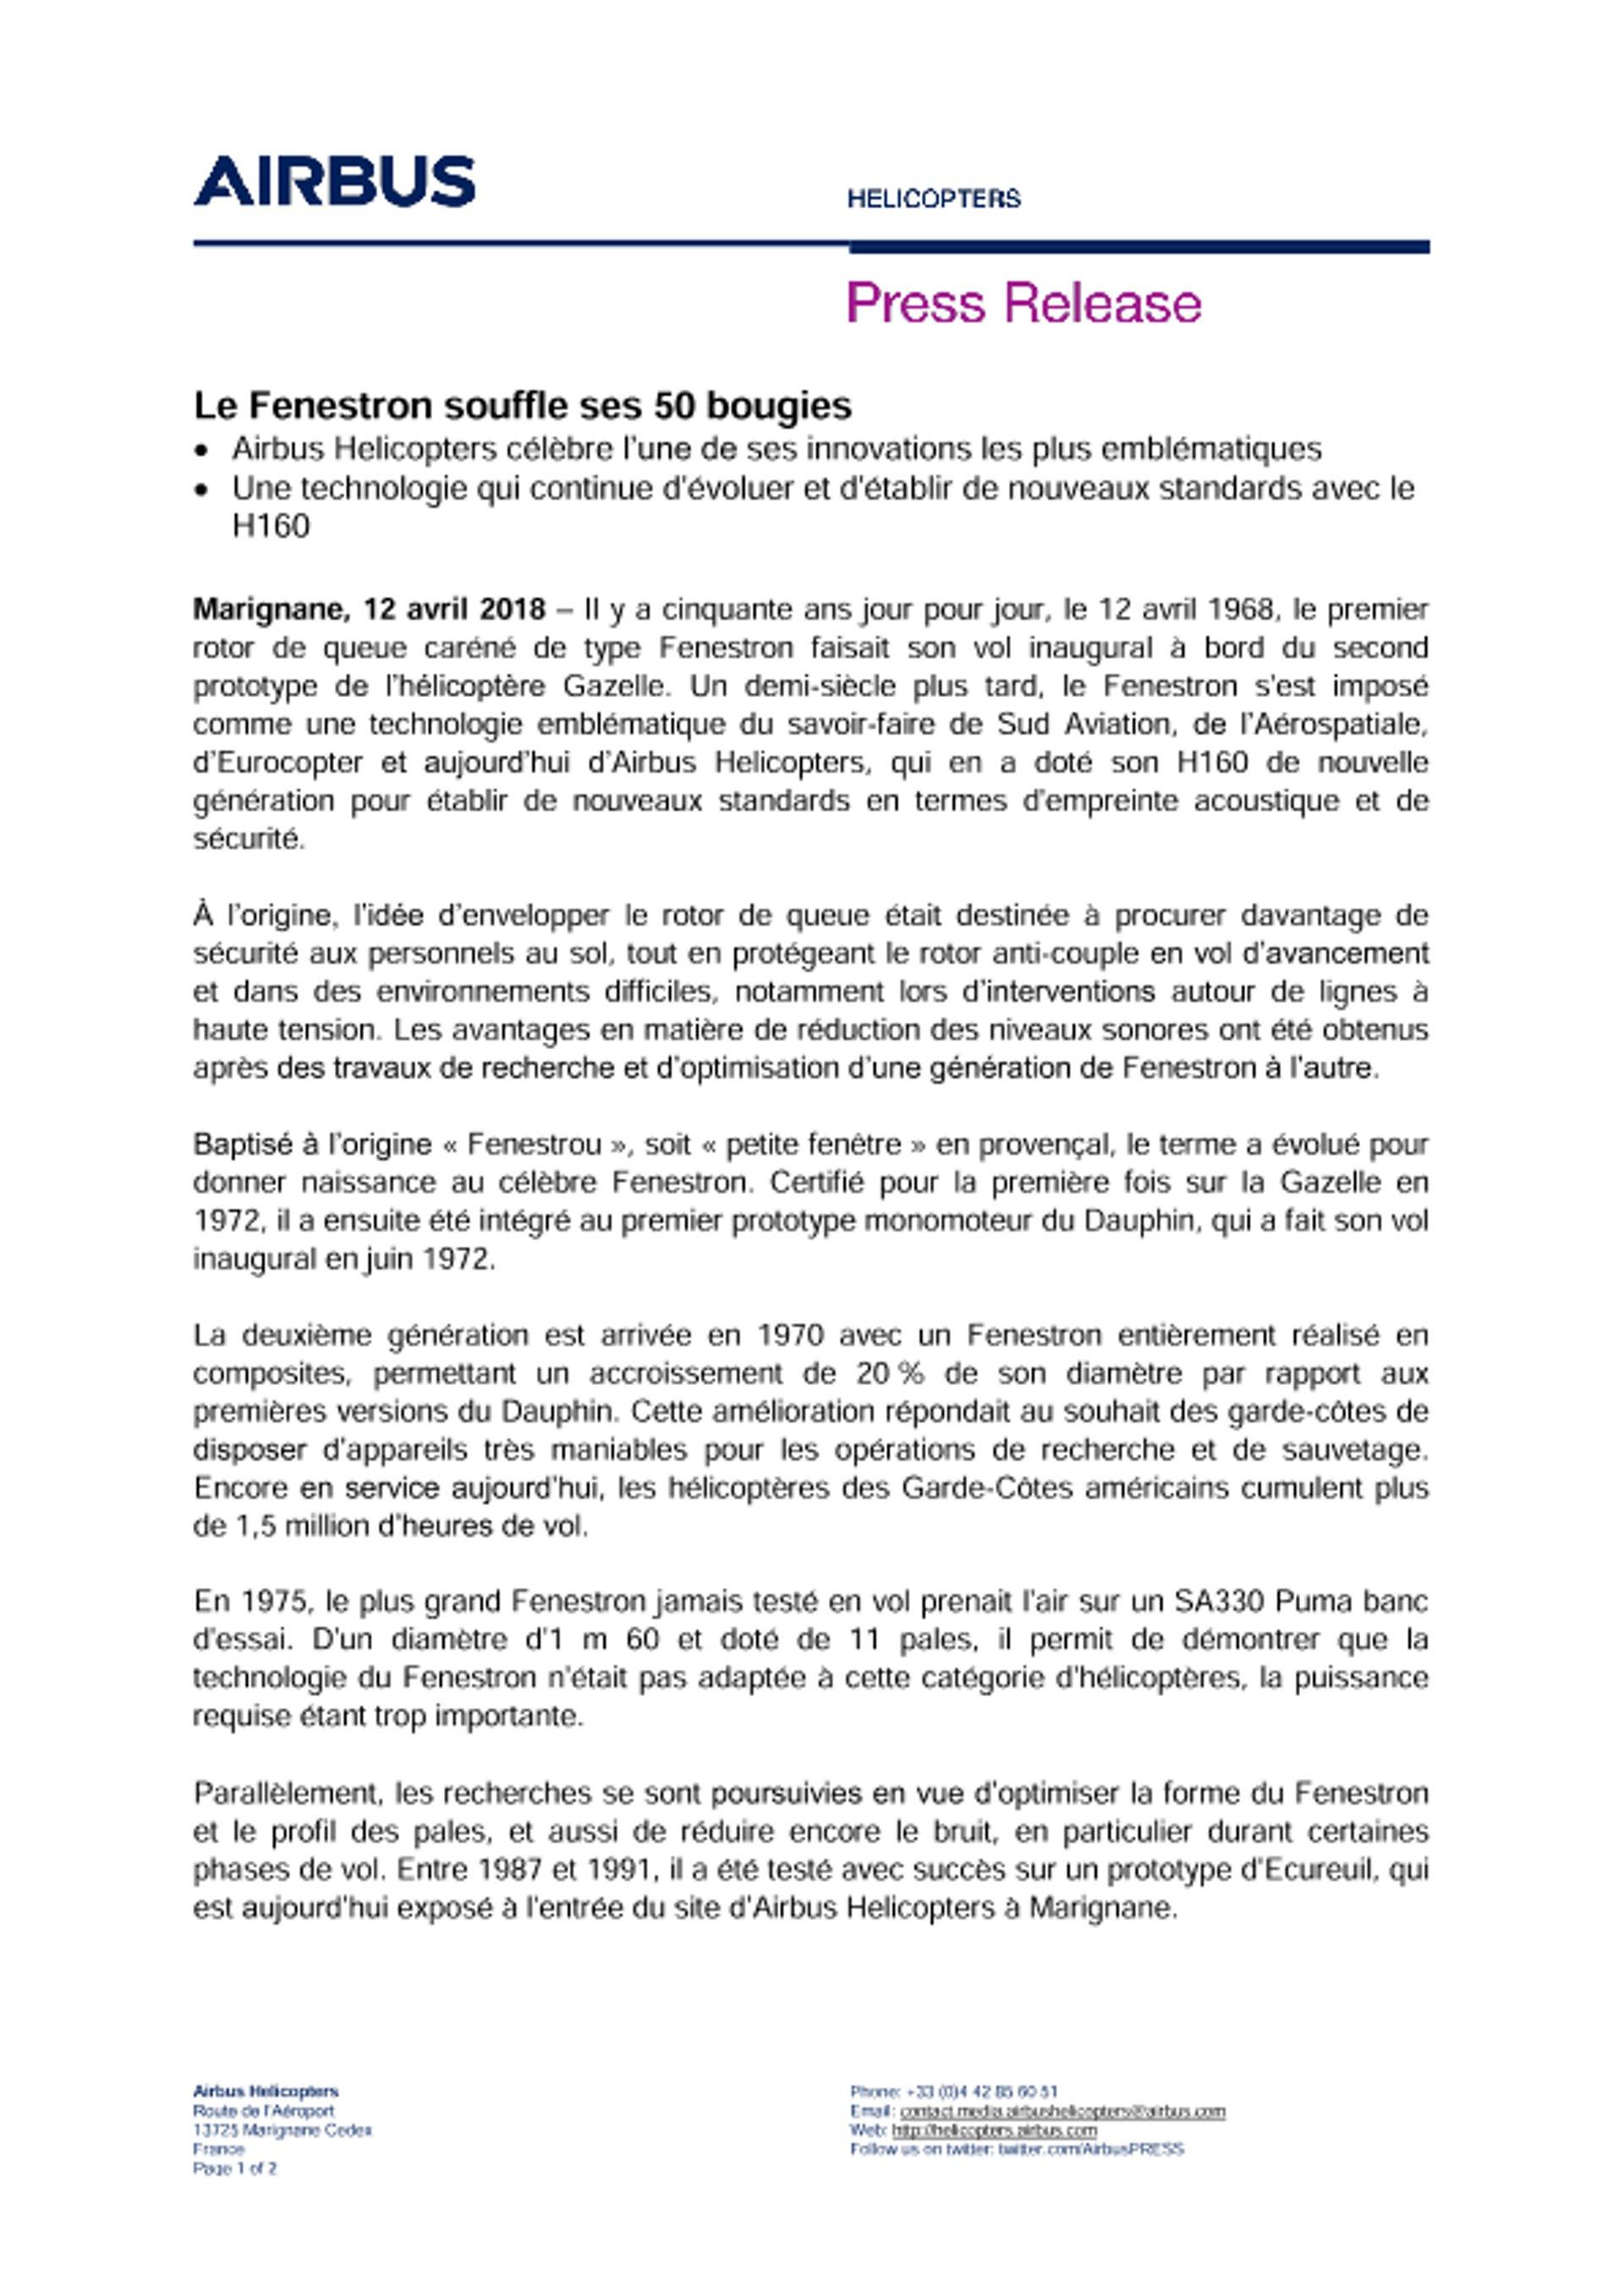 FR Le Fenestron souffle ses cinquantes bougies